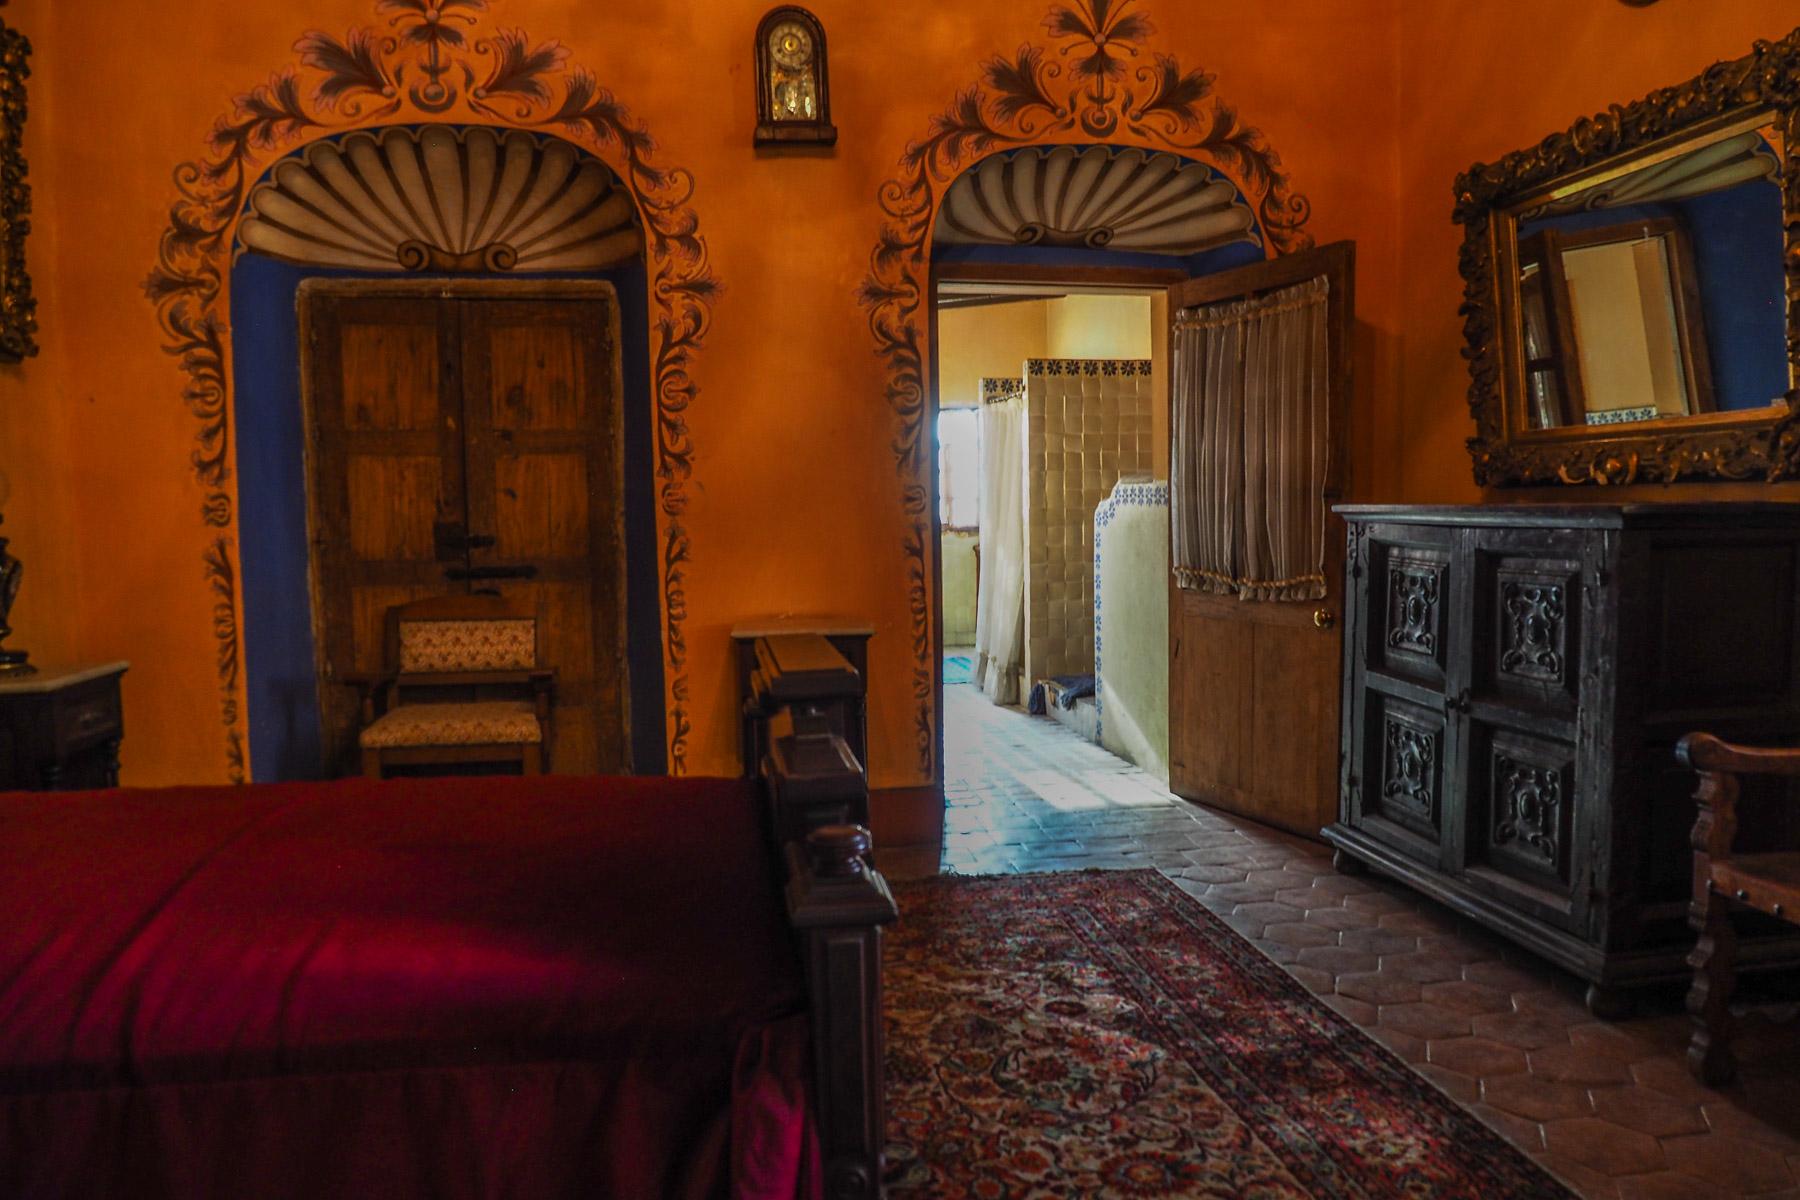 Schlafzimmer in schönen warmen Farben